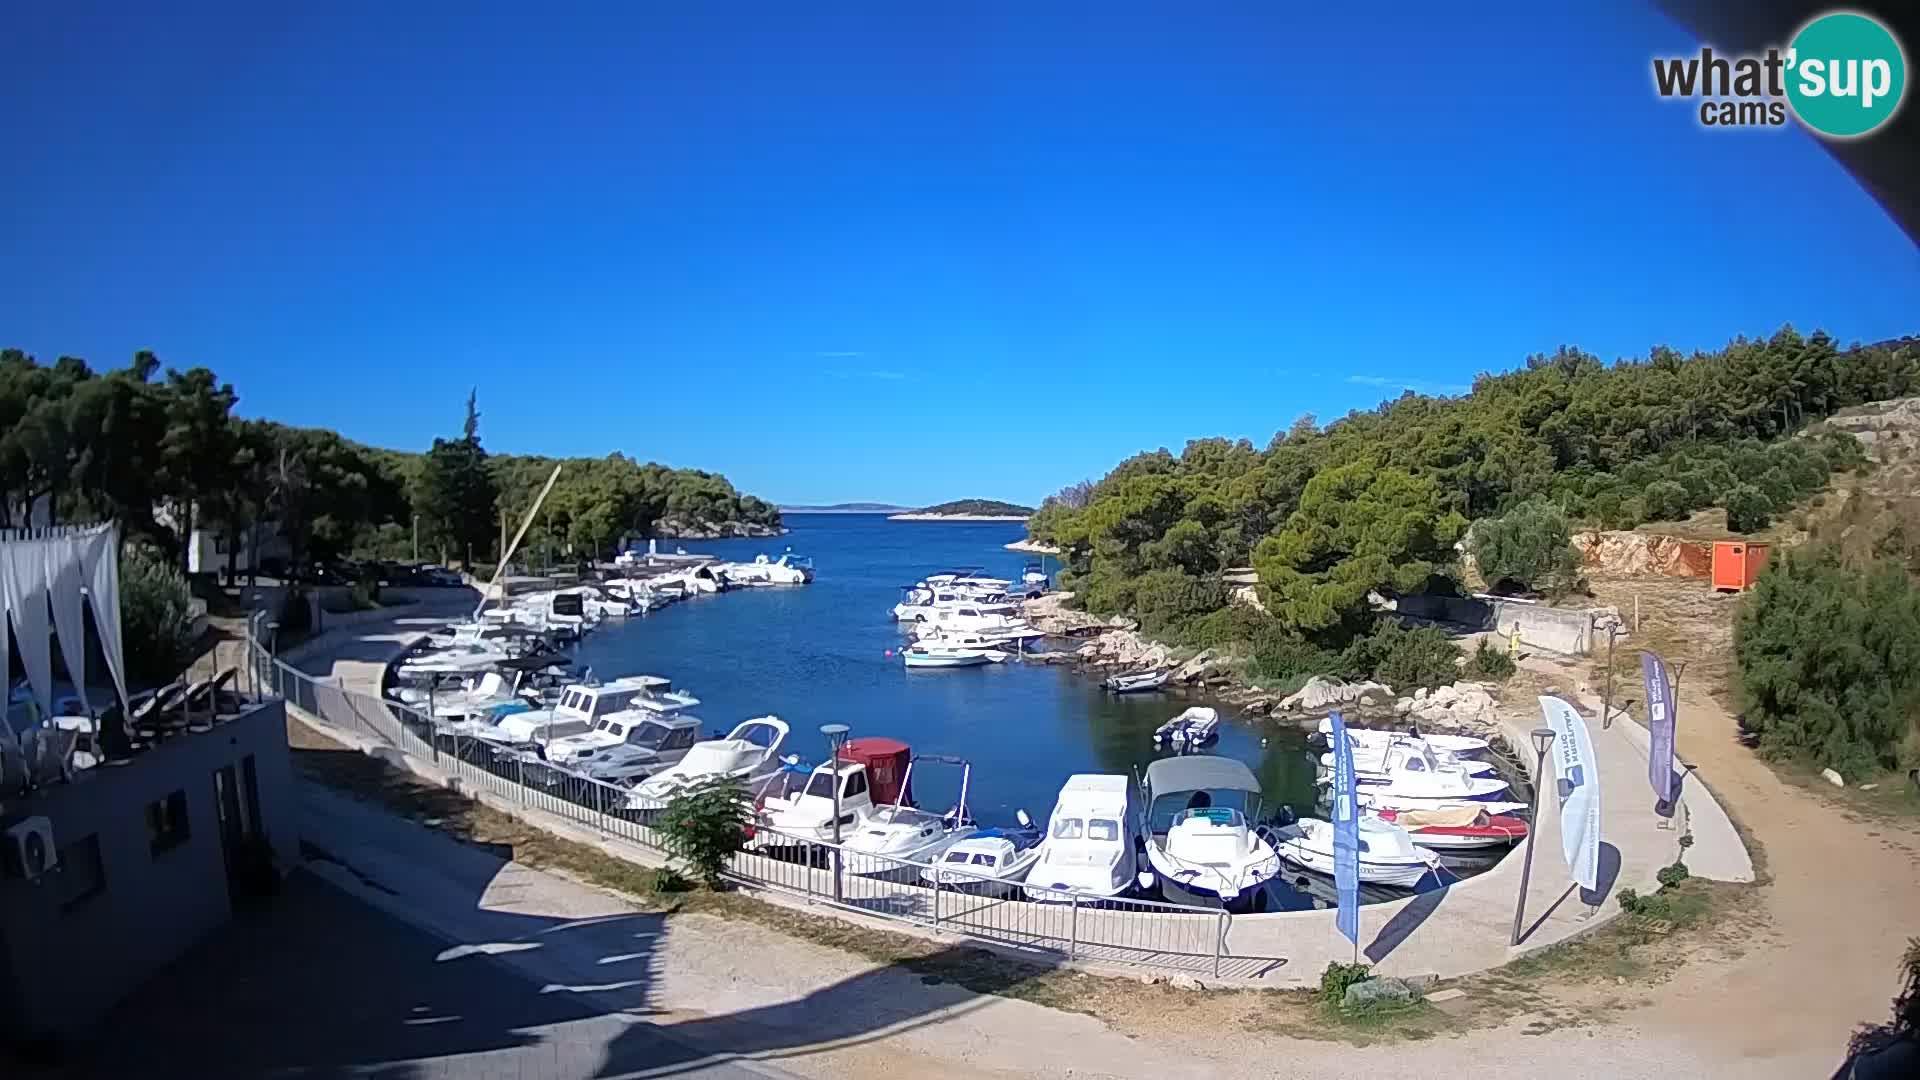 Kamera v živo Sovlje – ANTIC zaliv – Tribunj